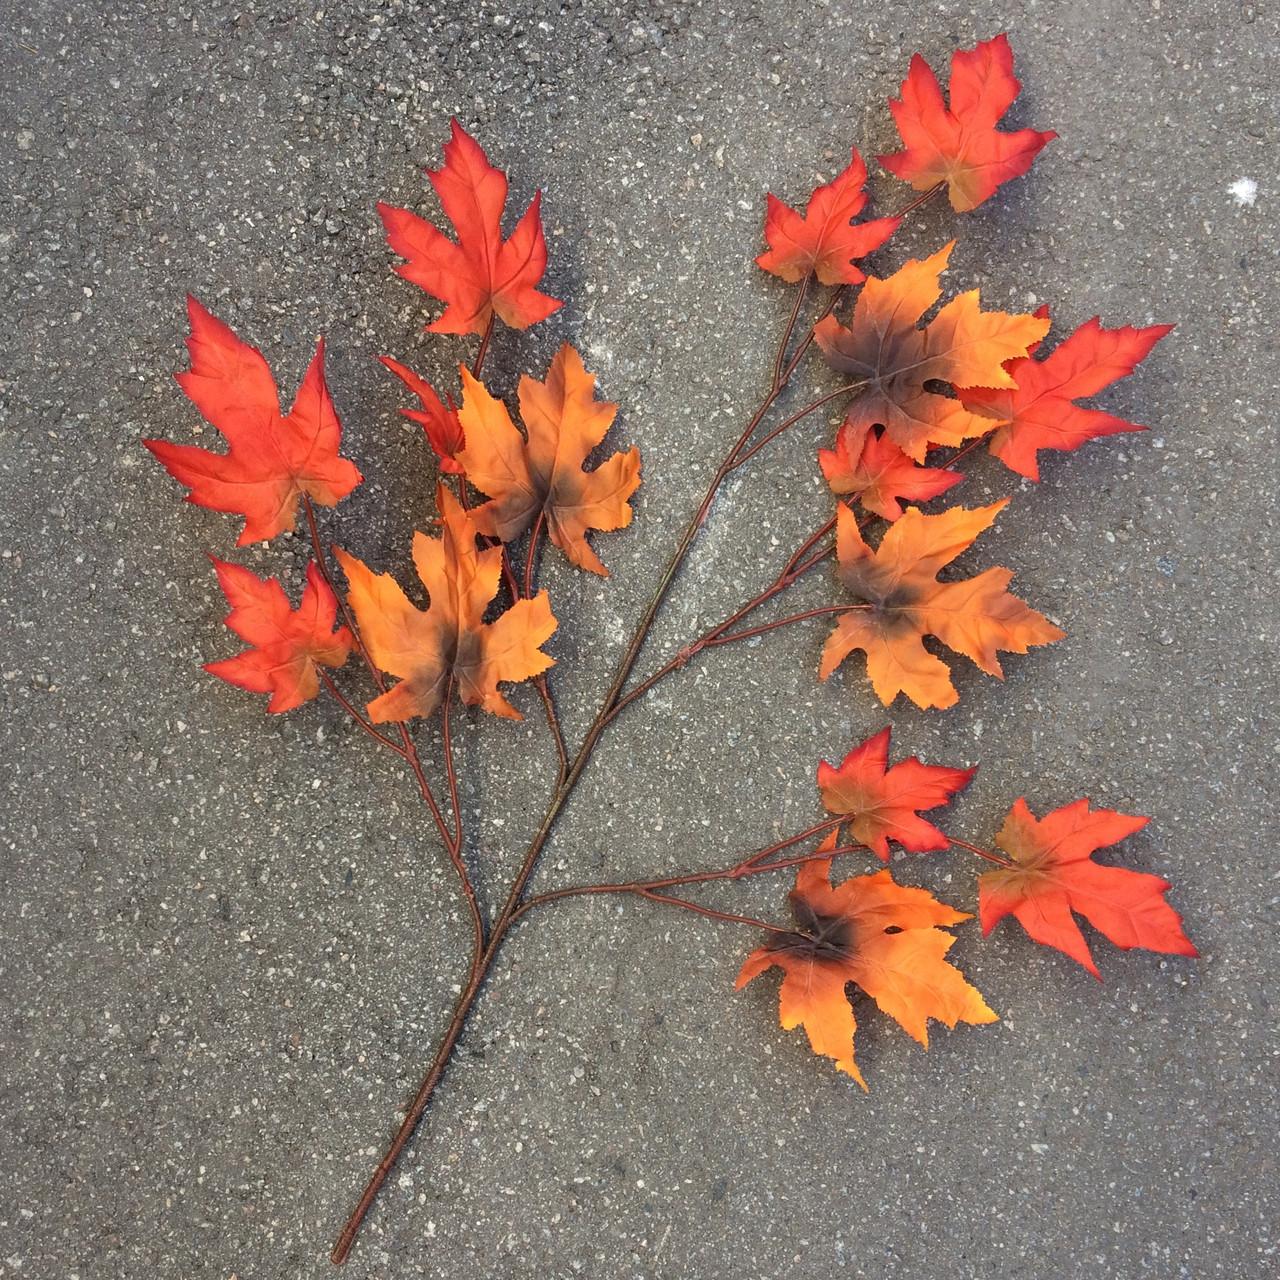 Ветка клена оранжевые осенние листья (золотая осень)  68 см ( 6 шт в уп)